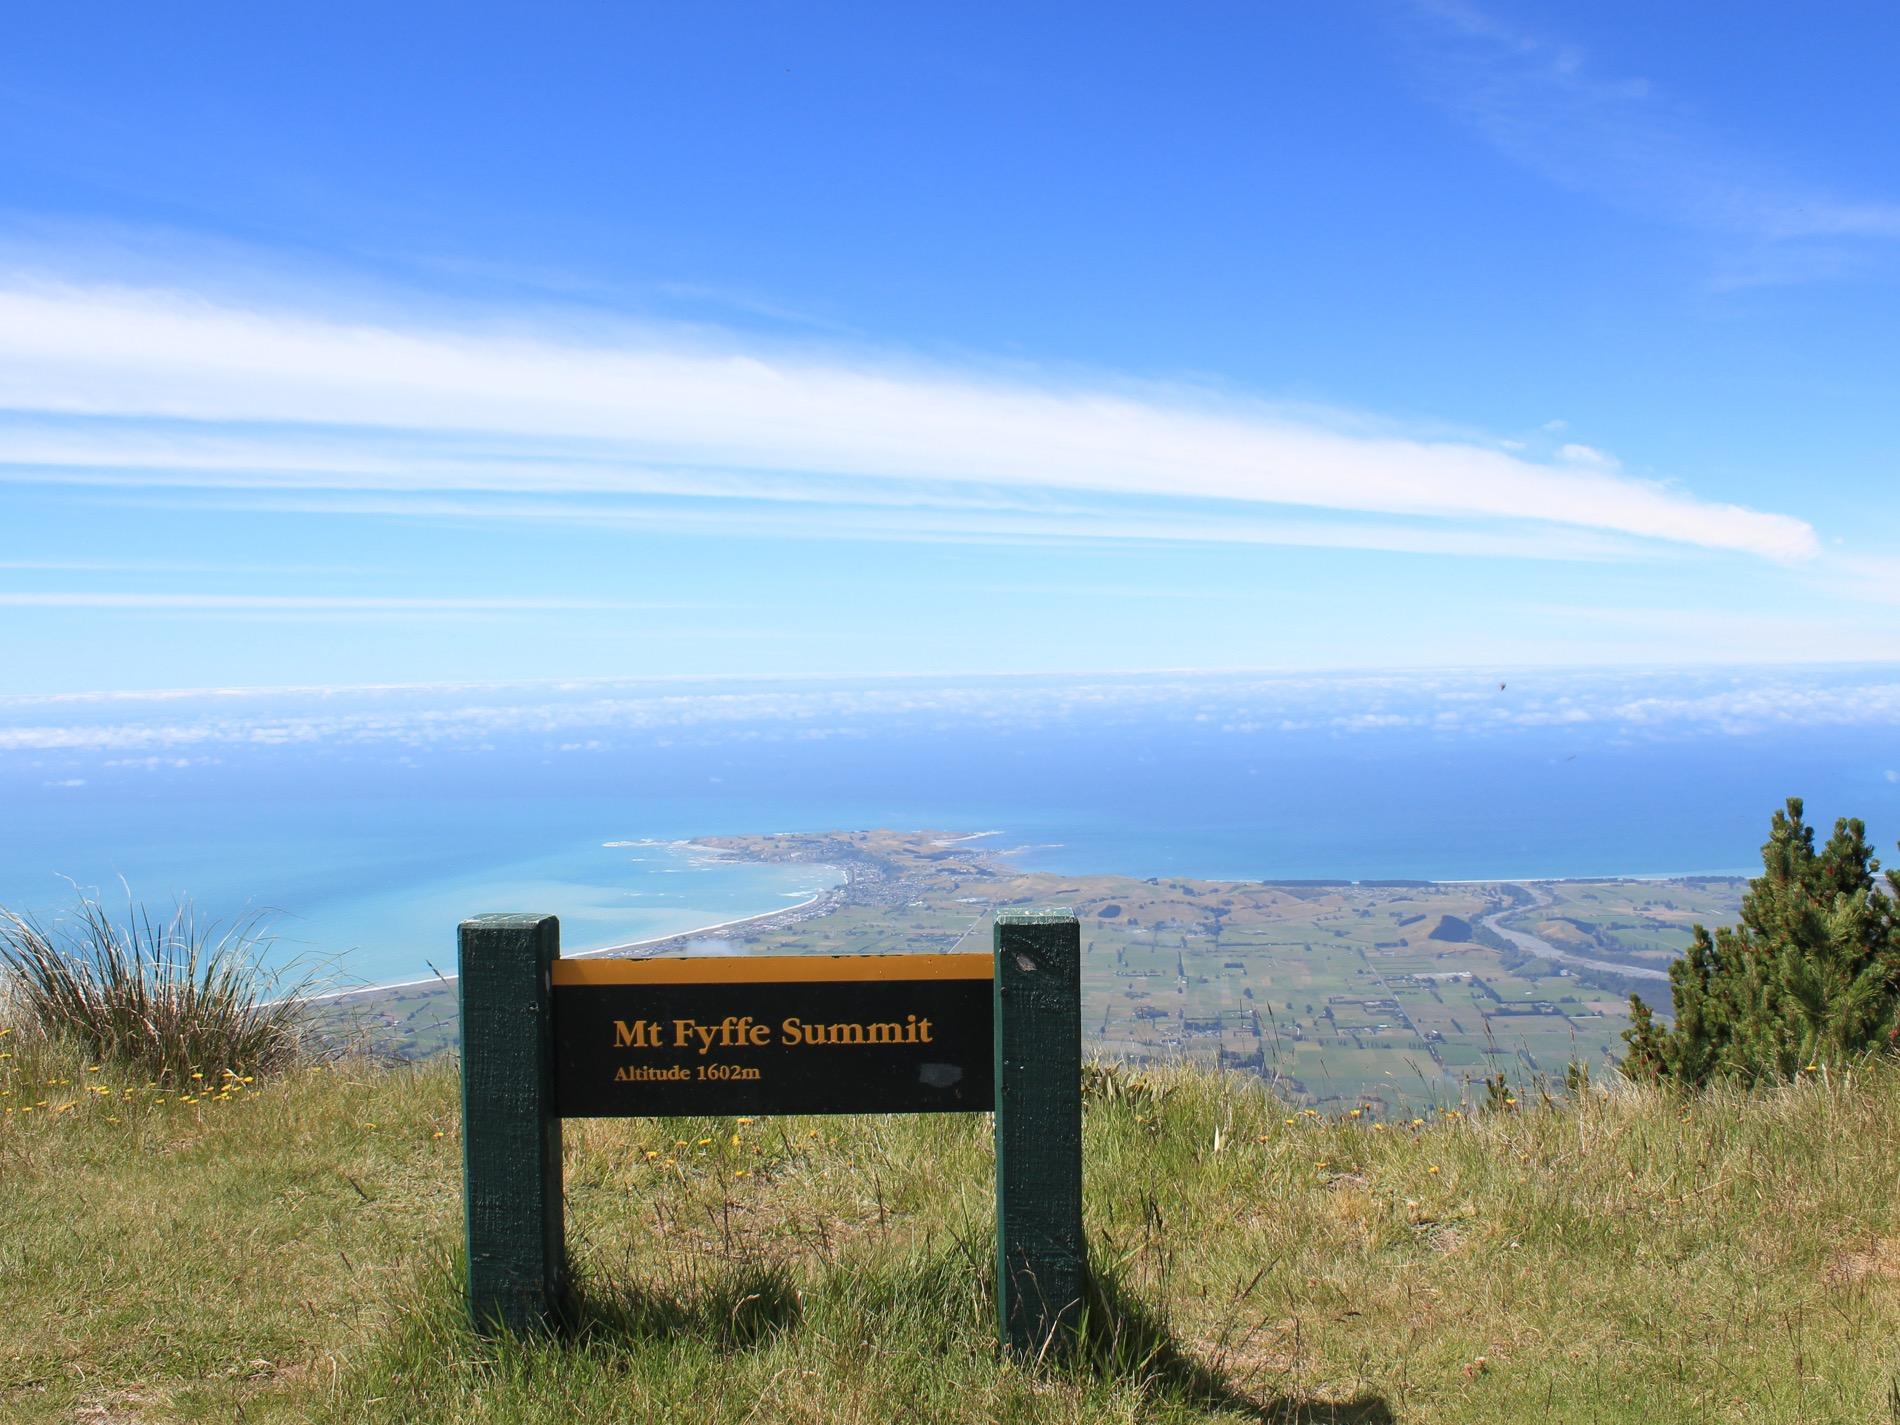 Mount Fyffe